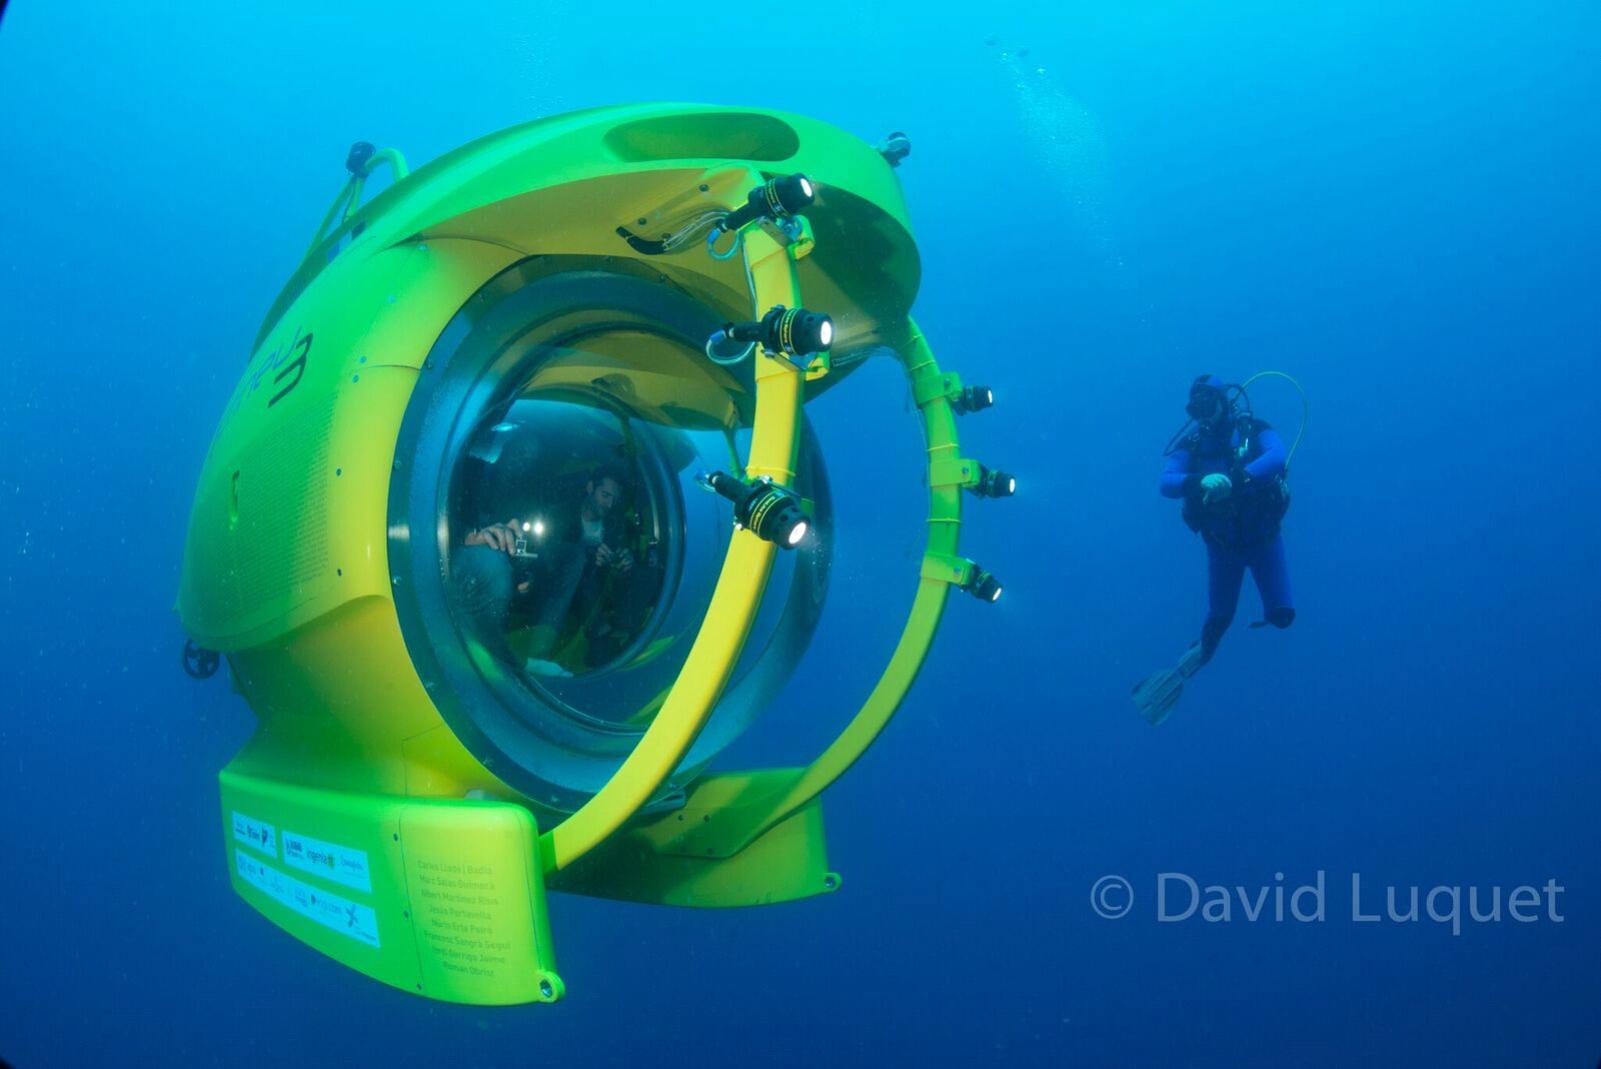 Els promotors de l'Ictineu 3 enceten una nova campanya per finançar l'exploració científica a l'entorn subaquàtic de les Illes Formigues.